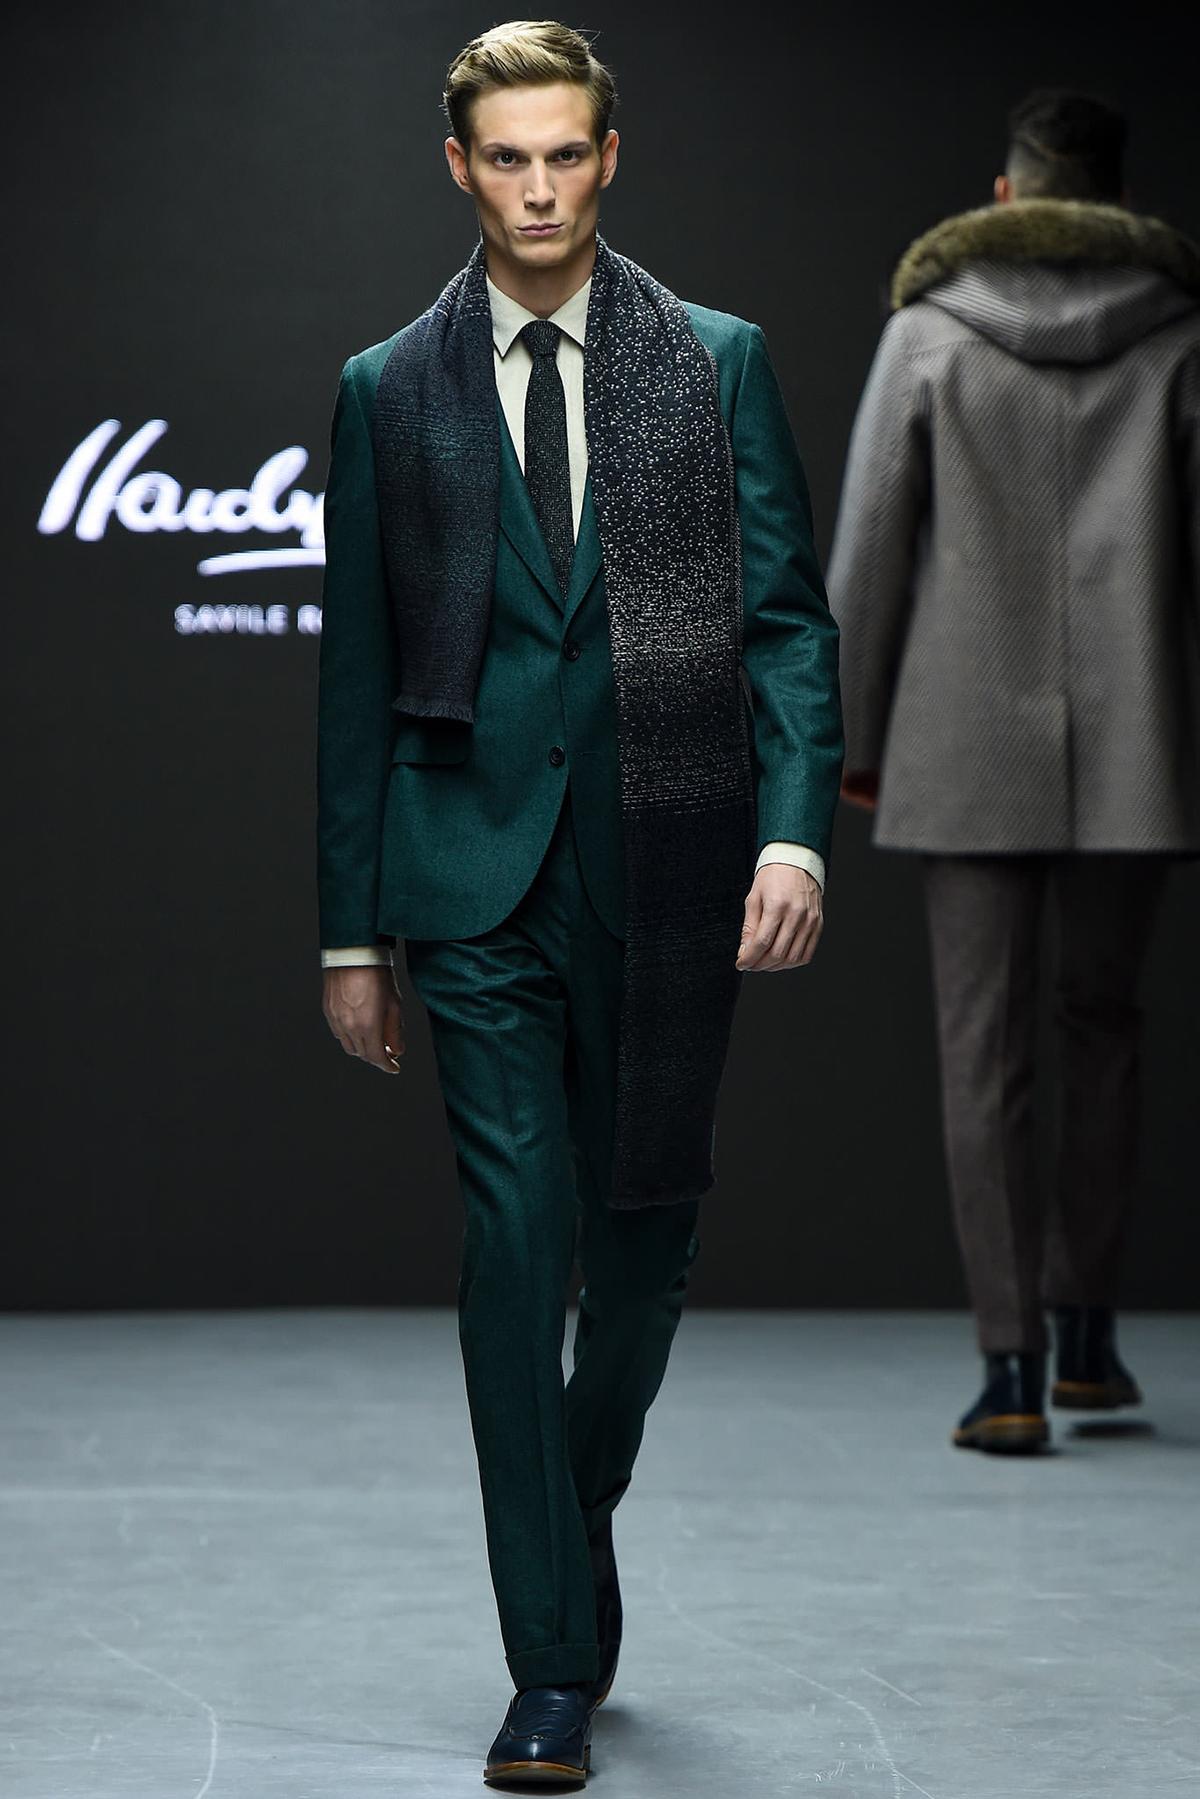 abaed589d07 Модные мужские костюмы 2016 Модный мужской костюм изумрудного цвета ...